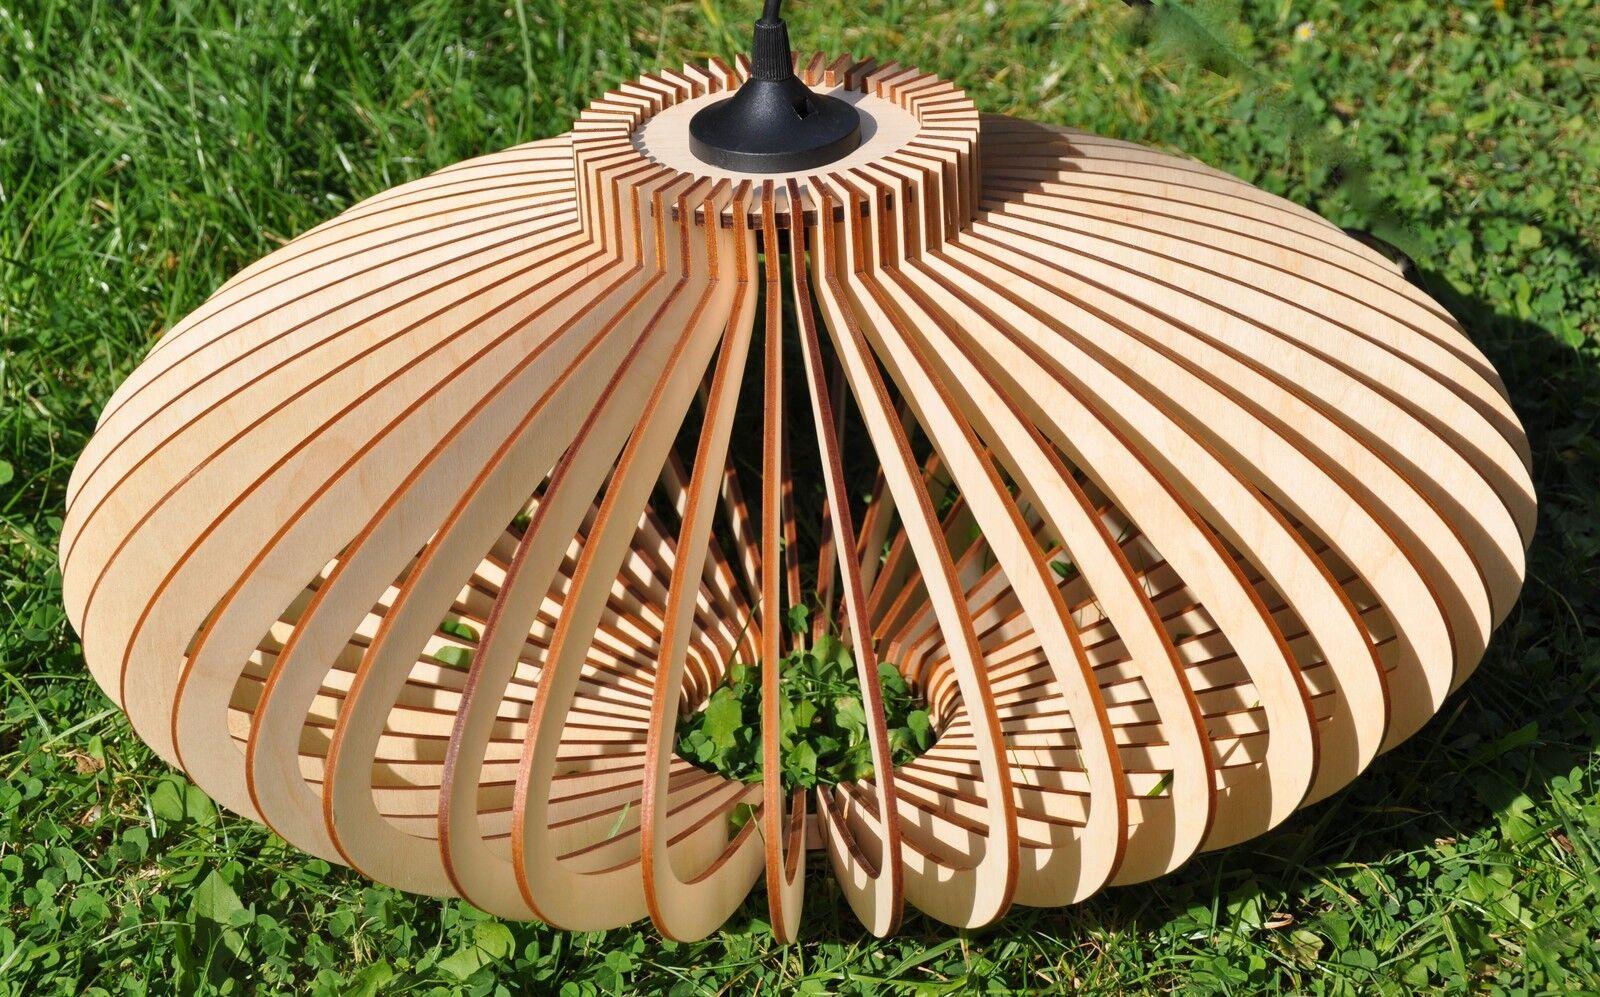 Deckenlampe Wohnzimmer Holz ~ Hängeleuchte Pendelleuchte Deckenlampe Modern Küche Wohnzimmer Holz